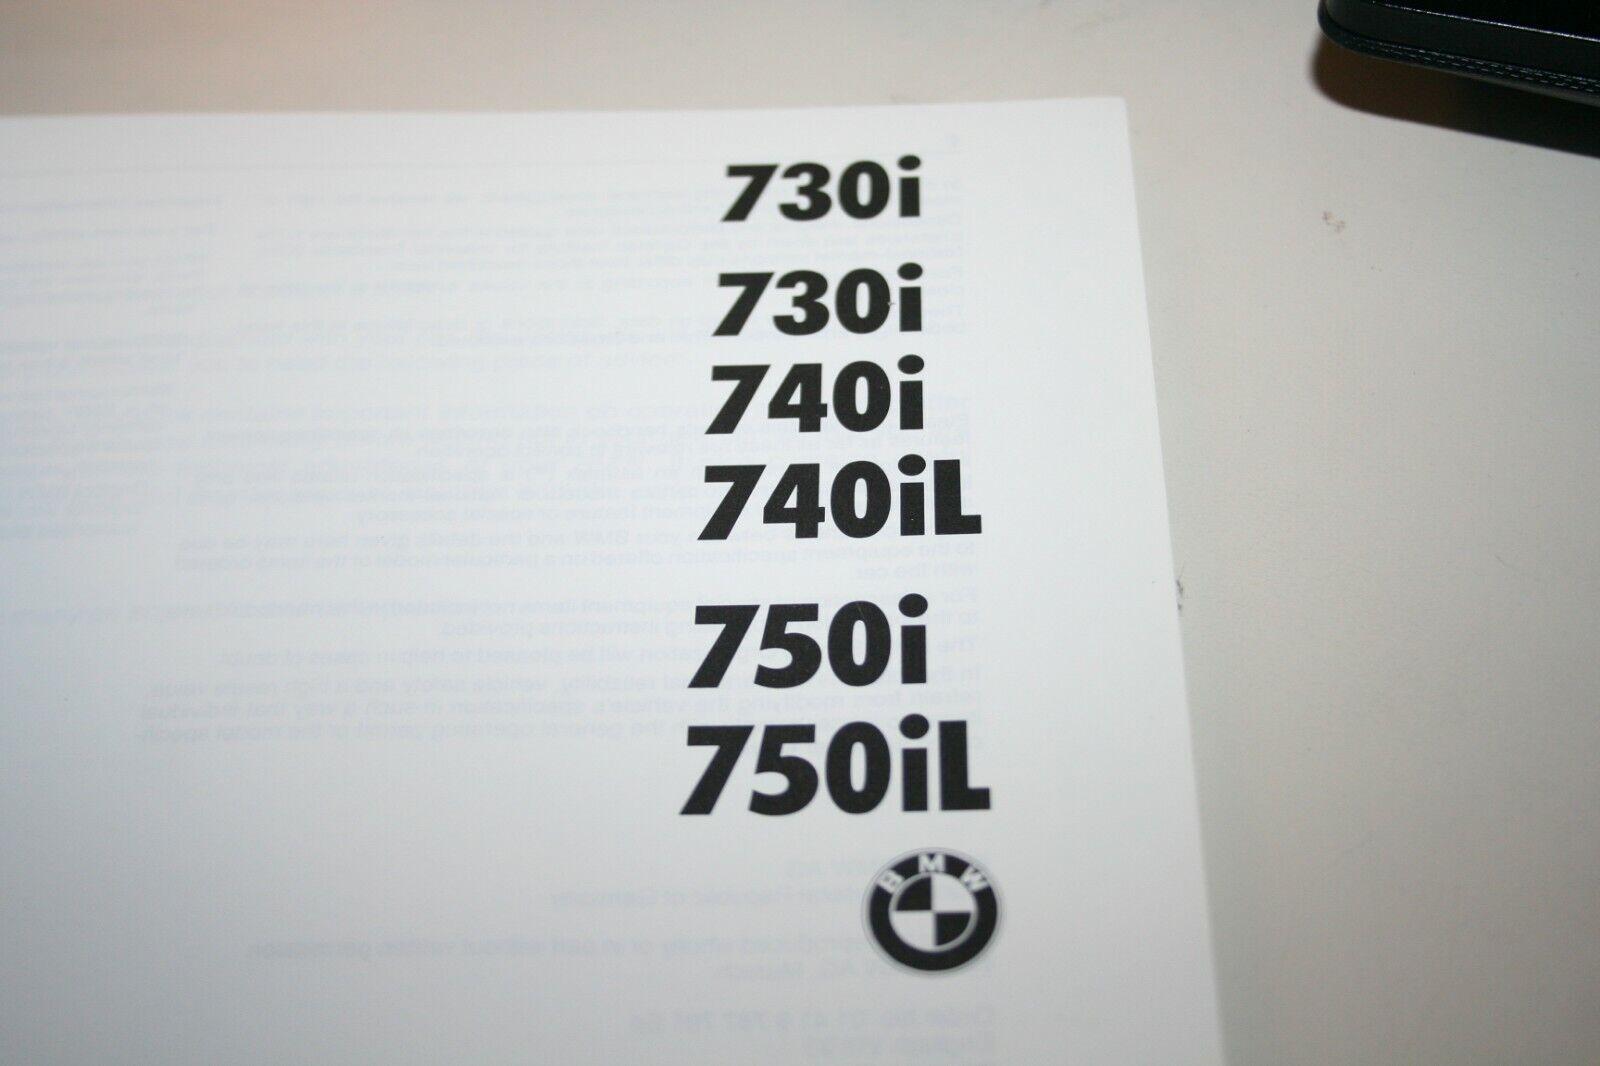 Owner's Handbook BMW 7 Series 730i 730i 730i 740i 740il 750i 750il  | Um Eine Hohe Bewunderung Gewinnen Und Ist Weit Verbreitet Trusted In-und   d673b3